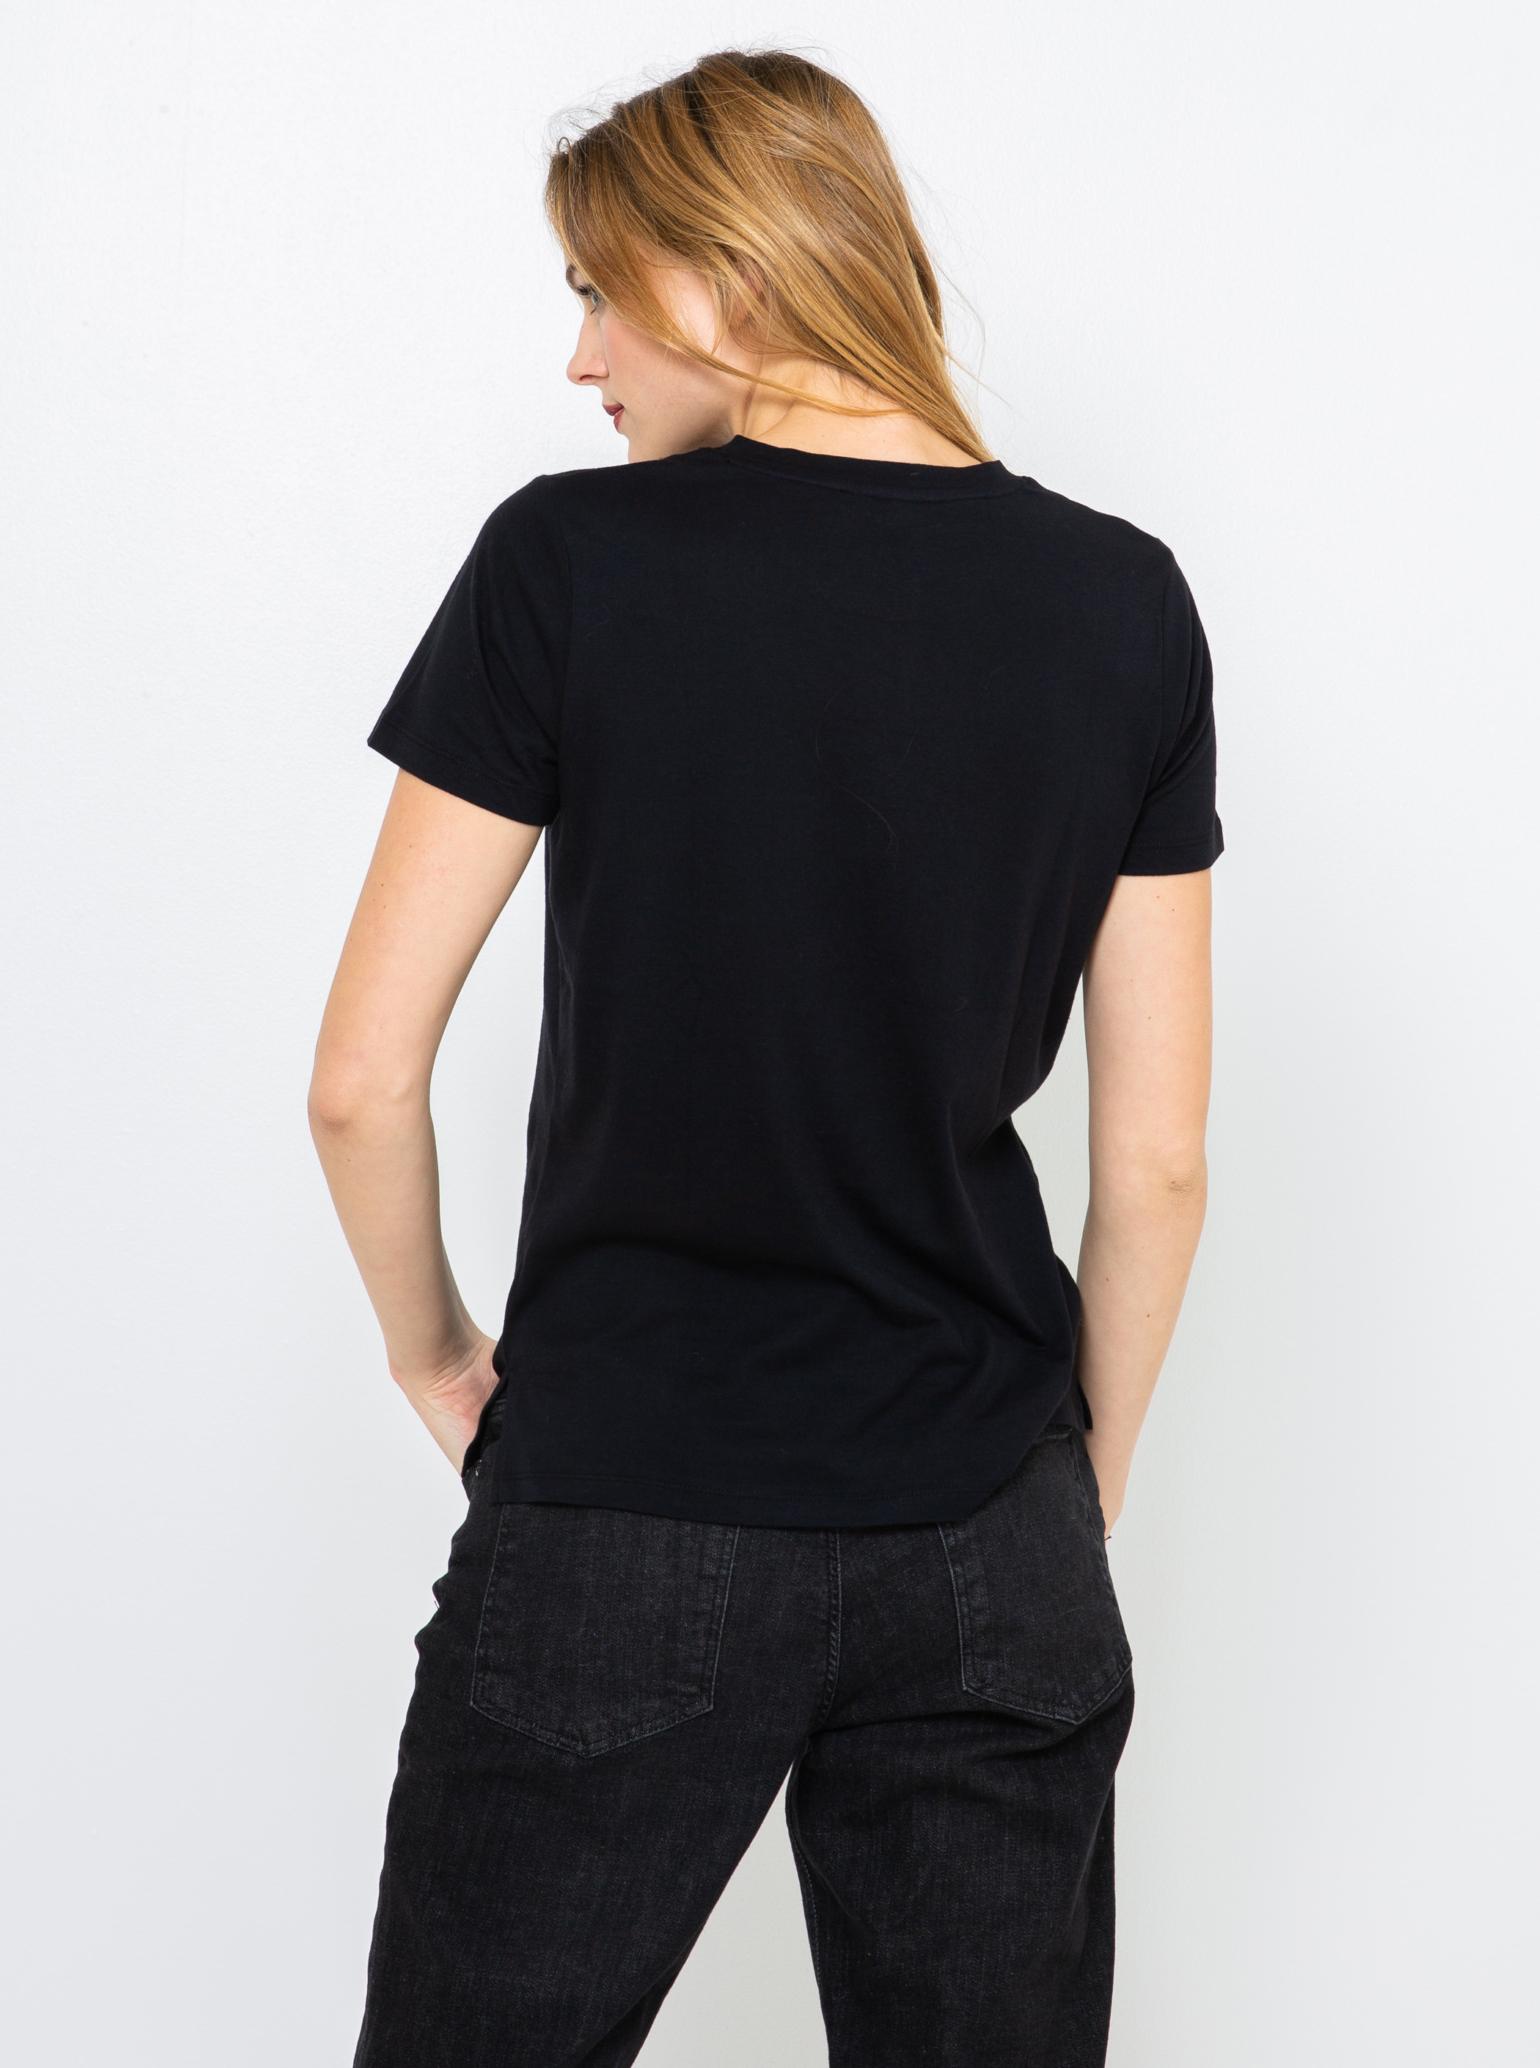 CAMAIEU czarny damska koszulka z nadrukiem